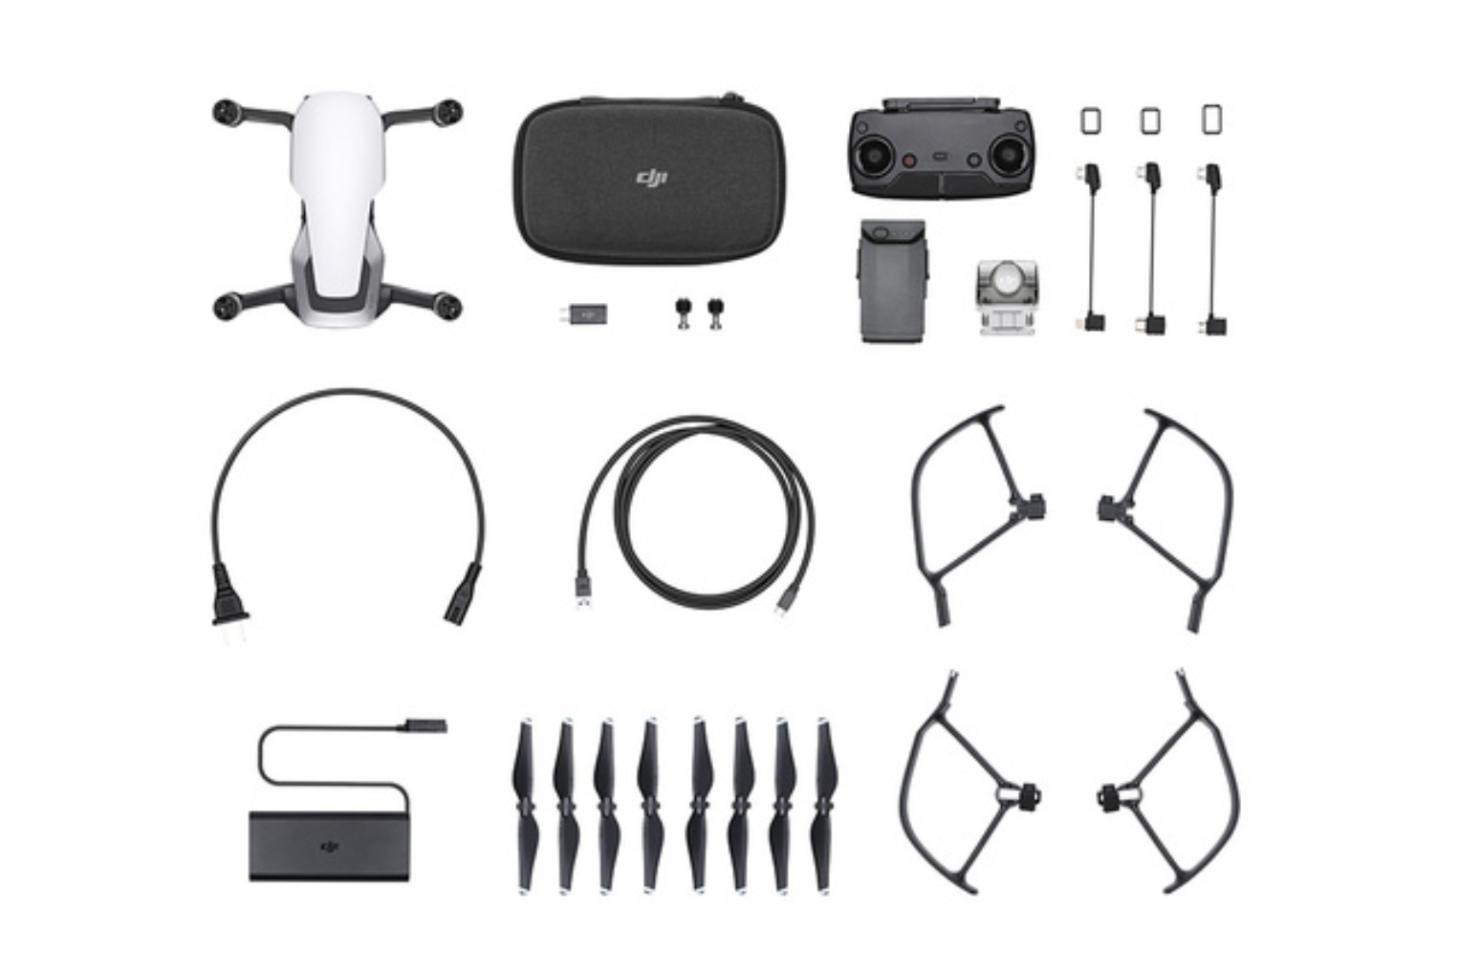 mavic-air-accessories